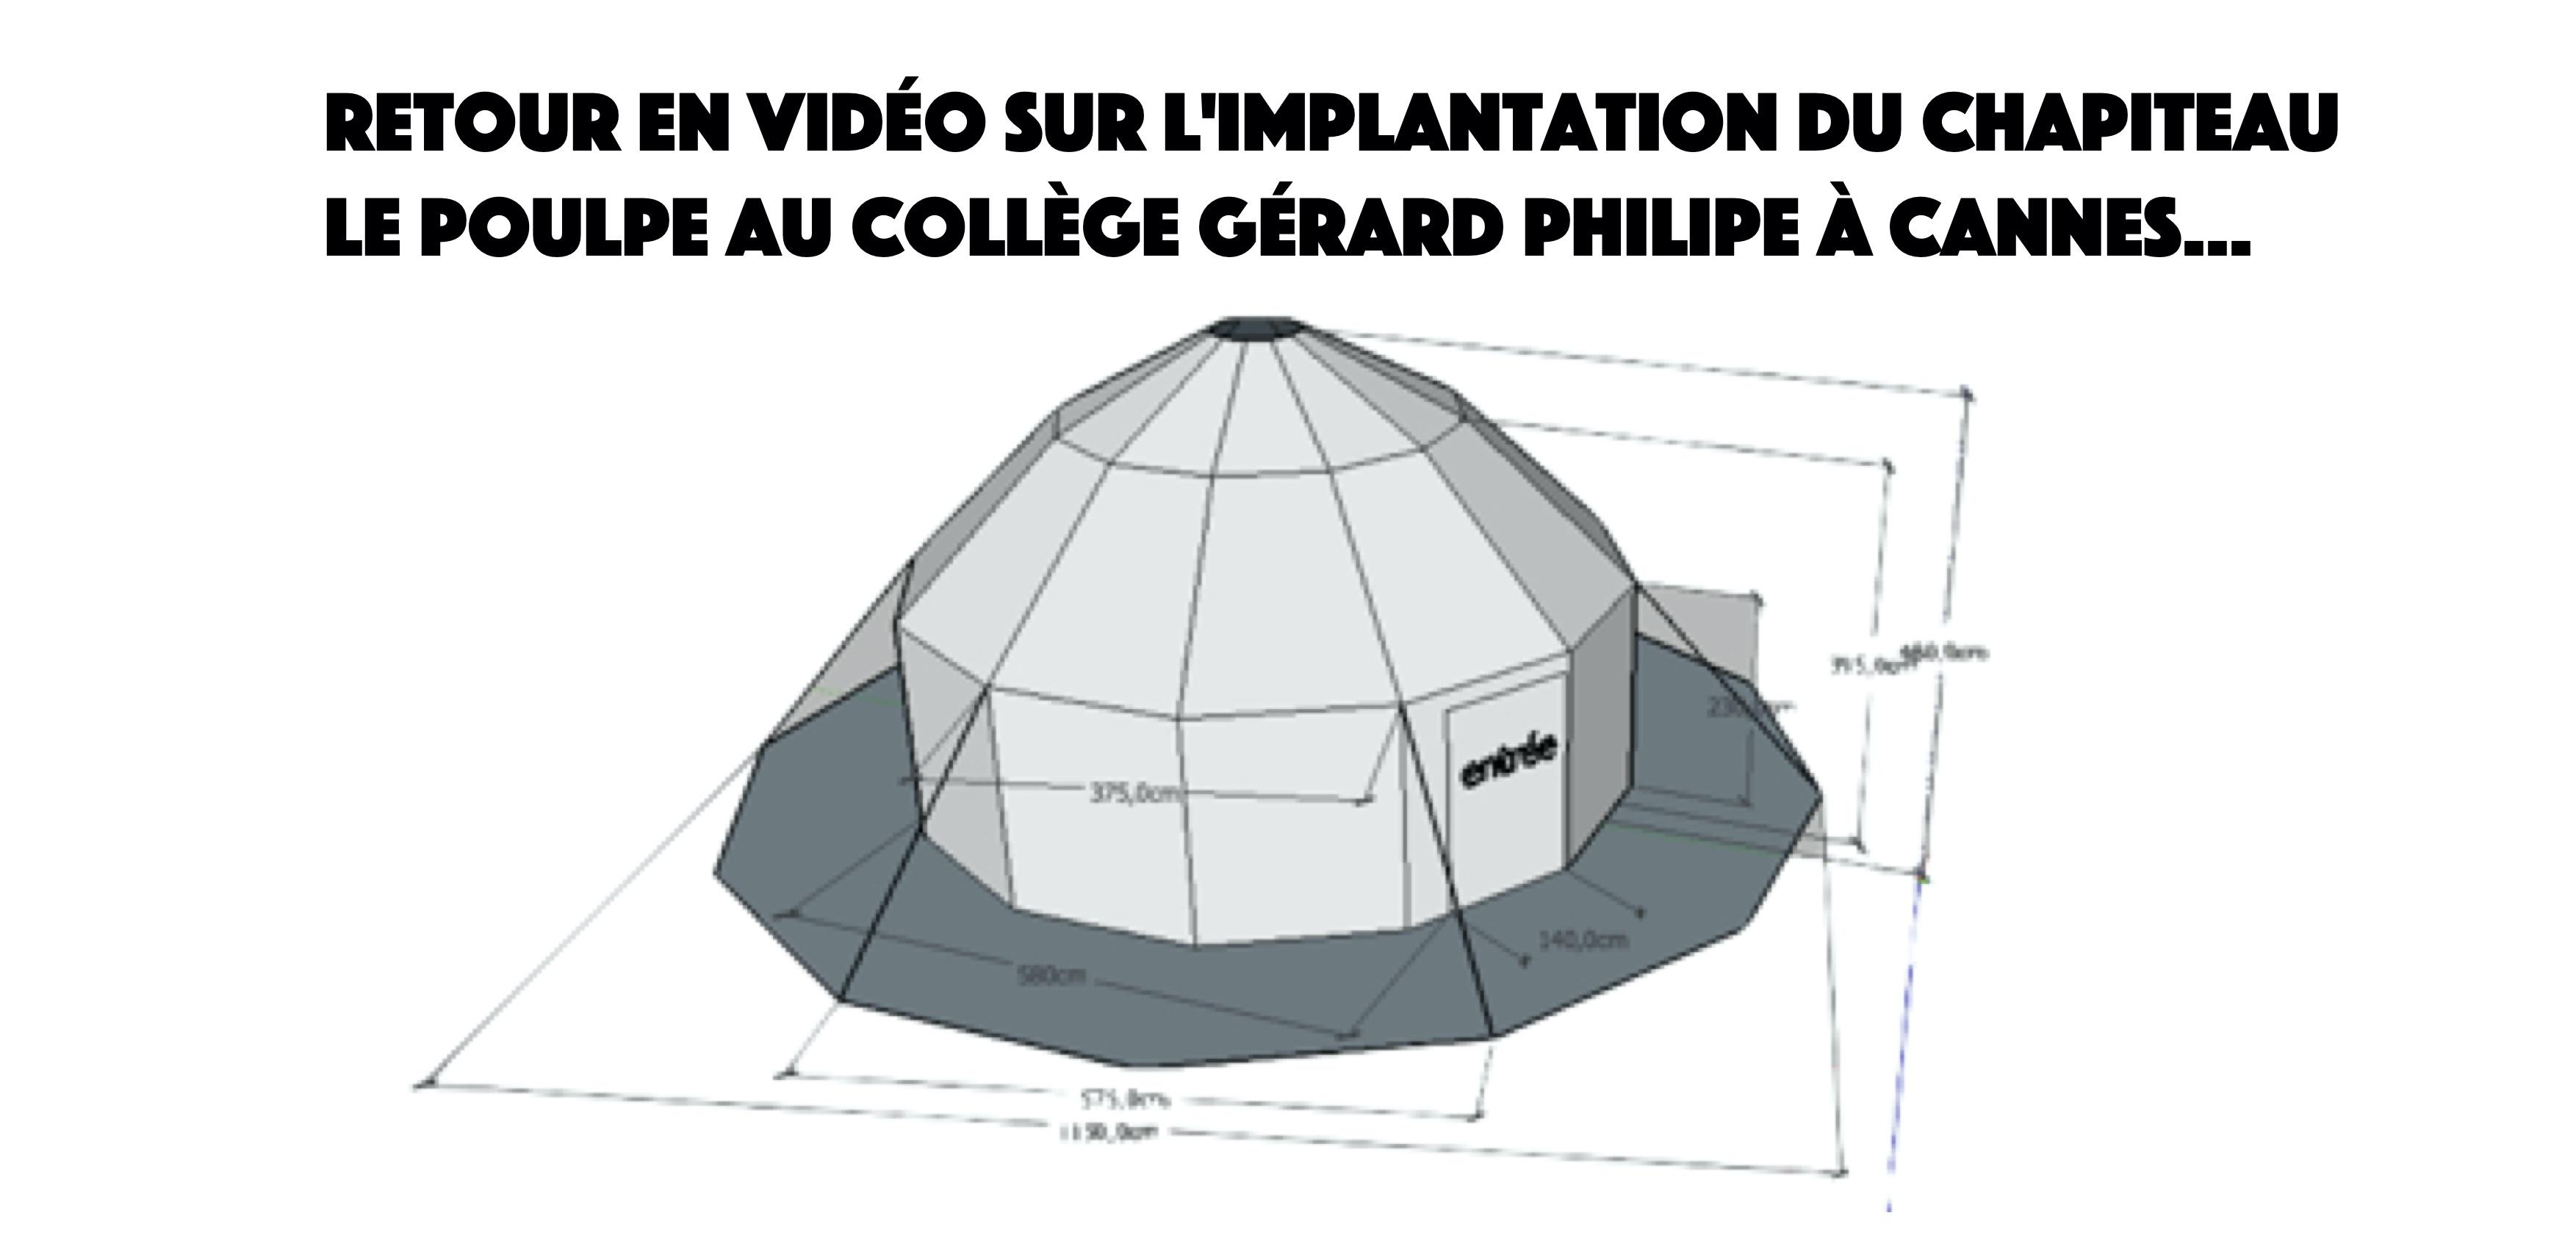 Retour en vidéo sur l'implantation au collège Gérard Philipe de Cannes